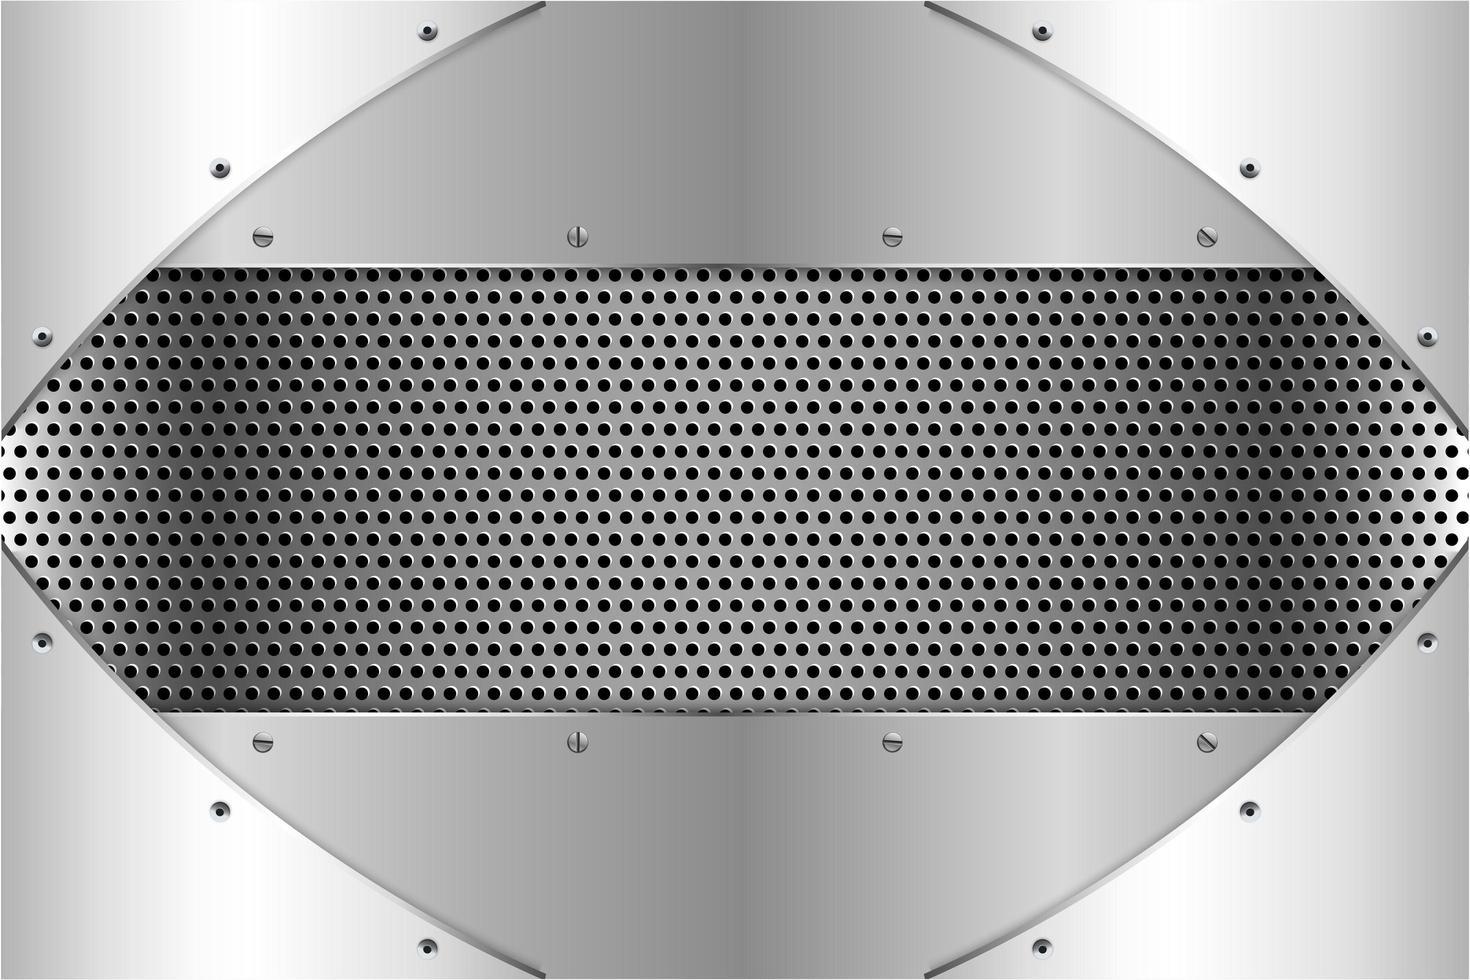 Paneles plateados metalizados con tornillos en textura perforada vector